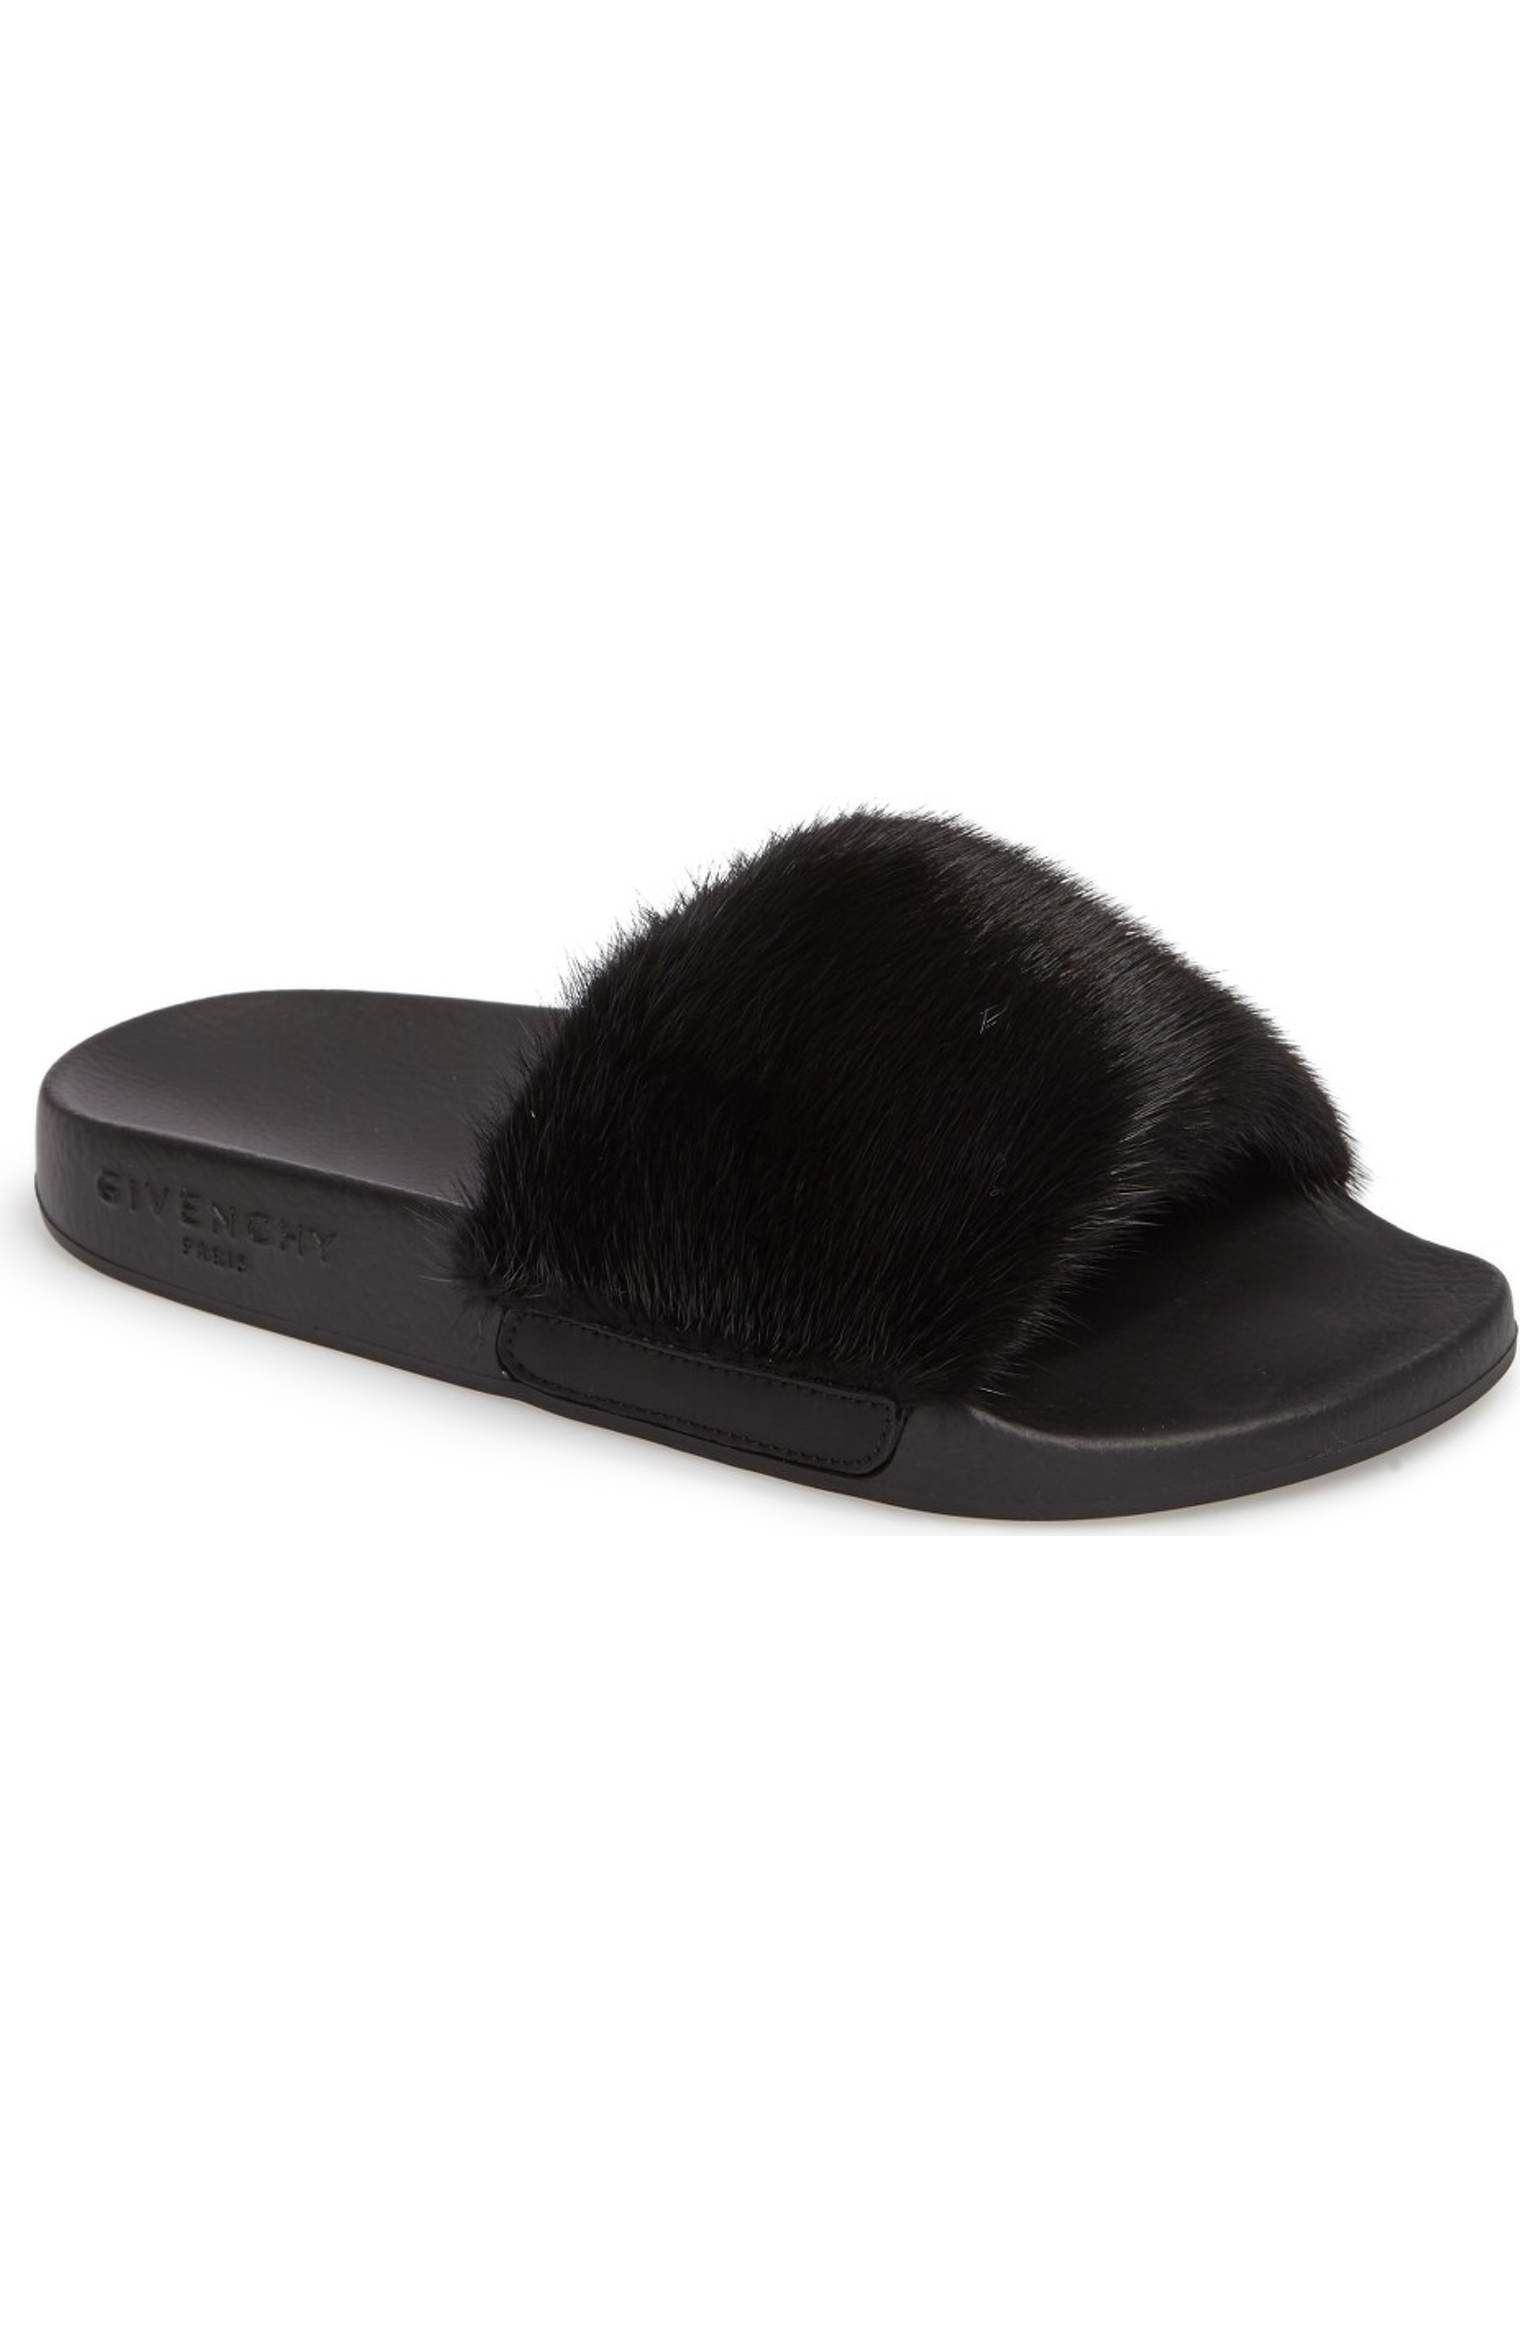 e09a23b2c28 Main Image - Givenchy Genuine Mink Fur Slide Sandal (Women) Sandales À  Glissière